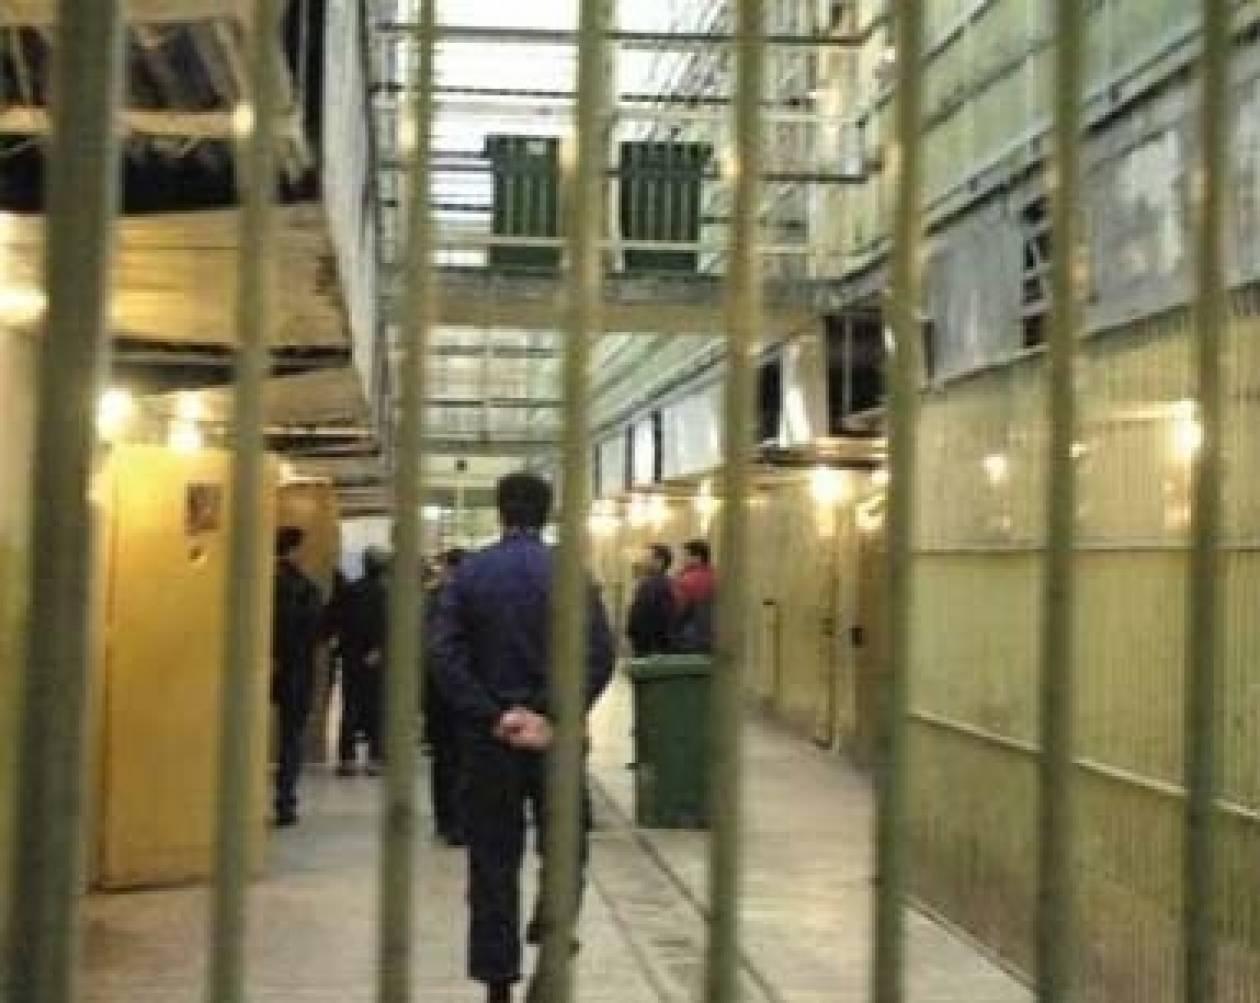 Λάρισα: Αυτοσχέδια μαχαίρια, γάντζος και σίδερα σε κελί ισοβίτη